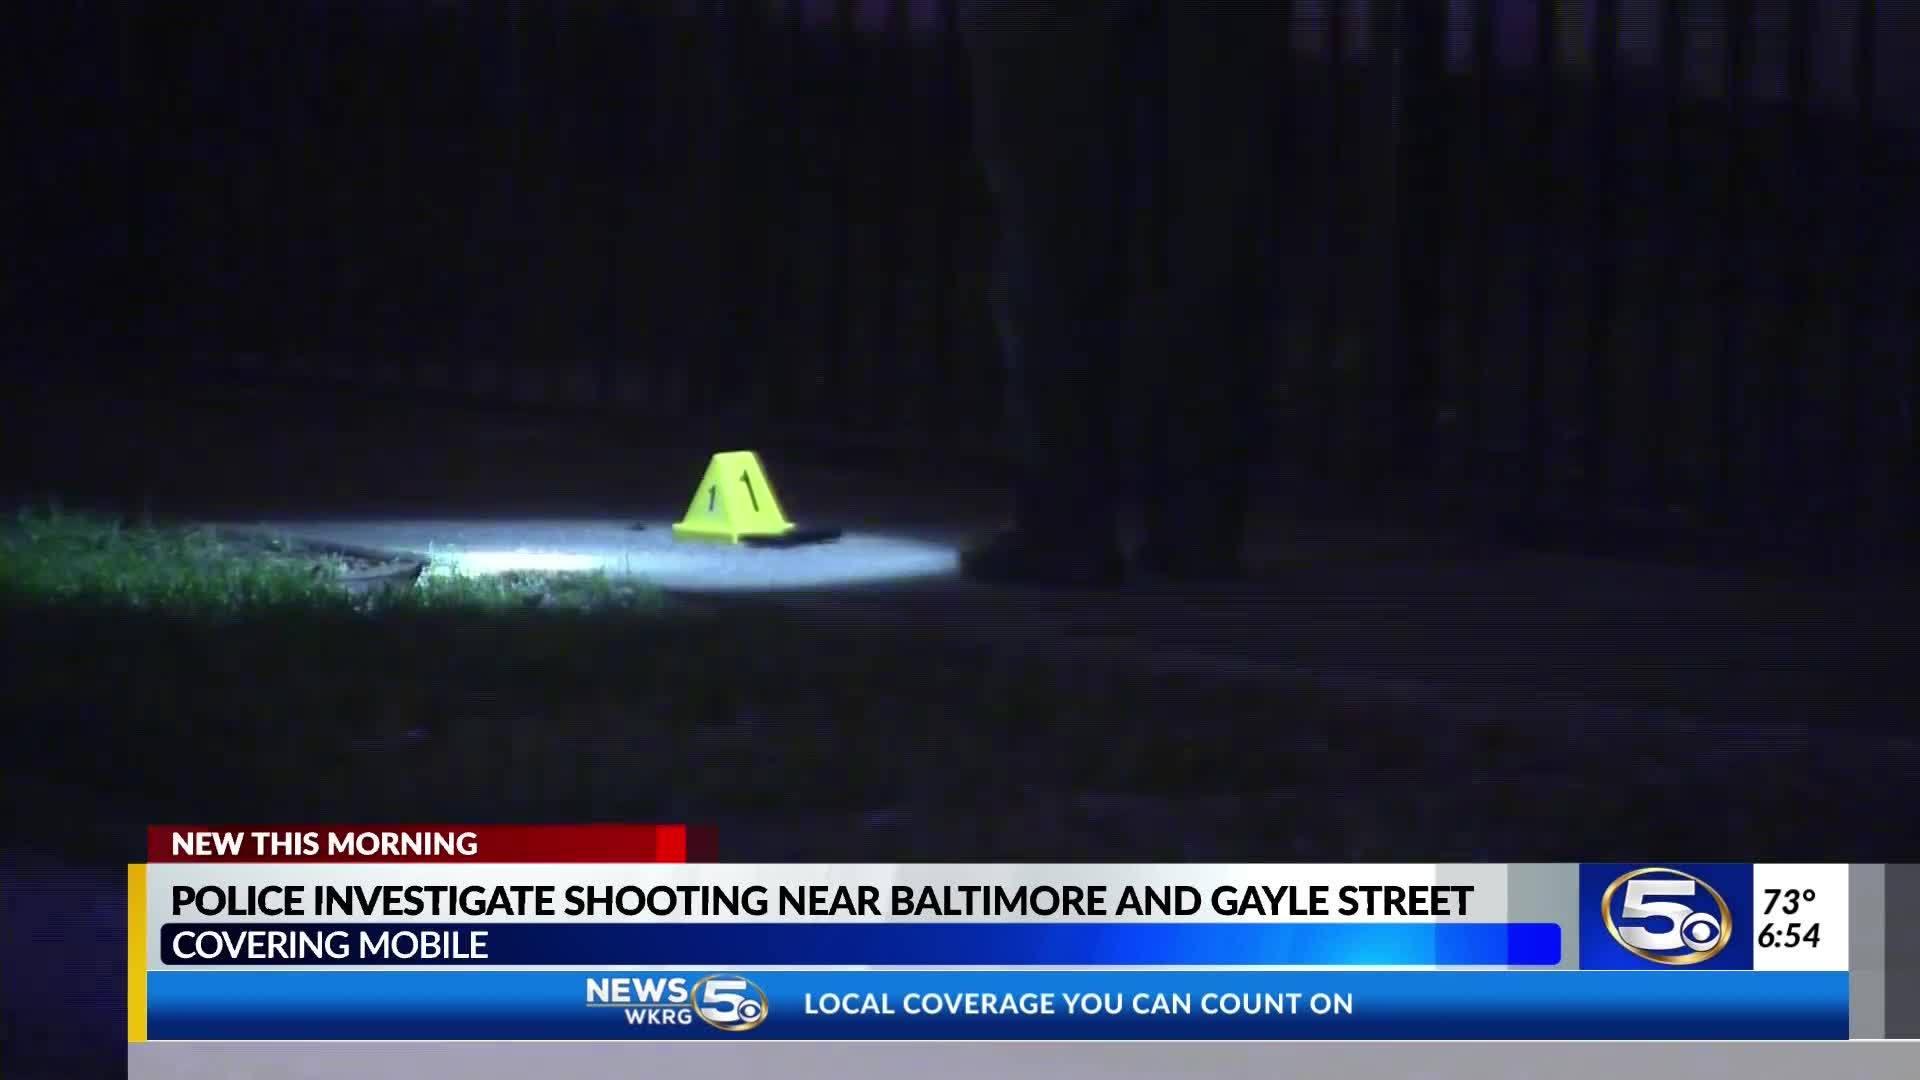 Baltimore_Street_Shooting_5_20190611125129